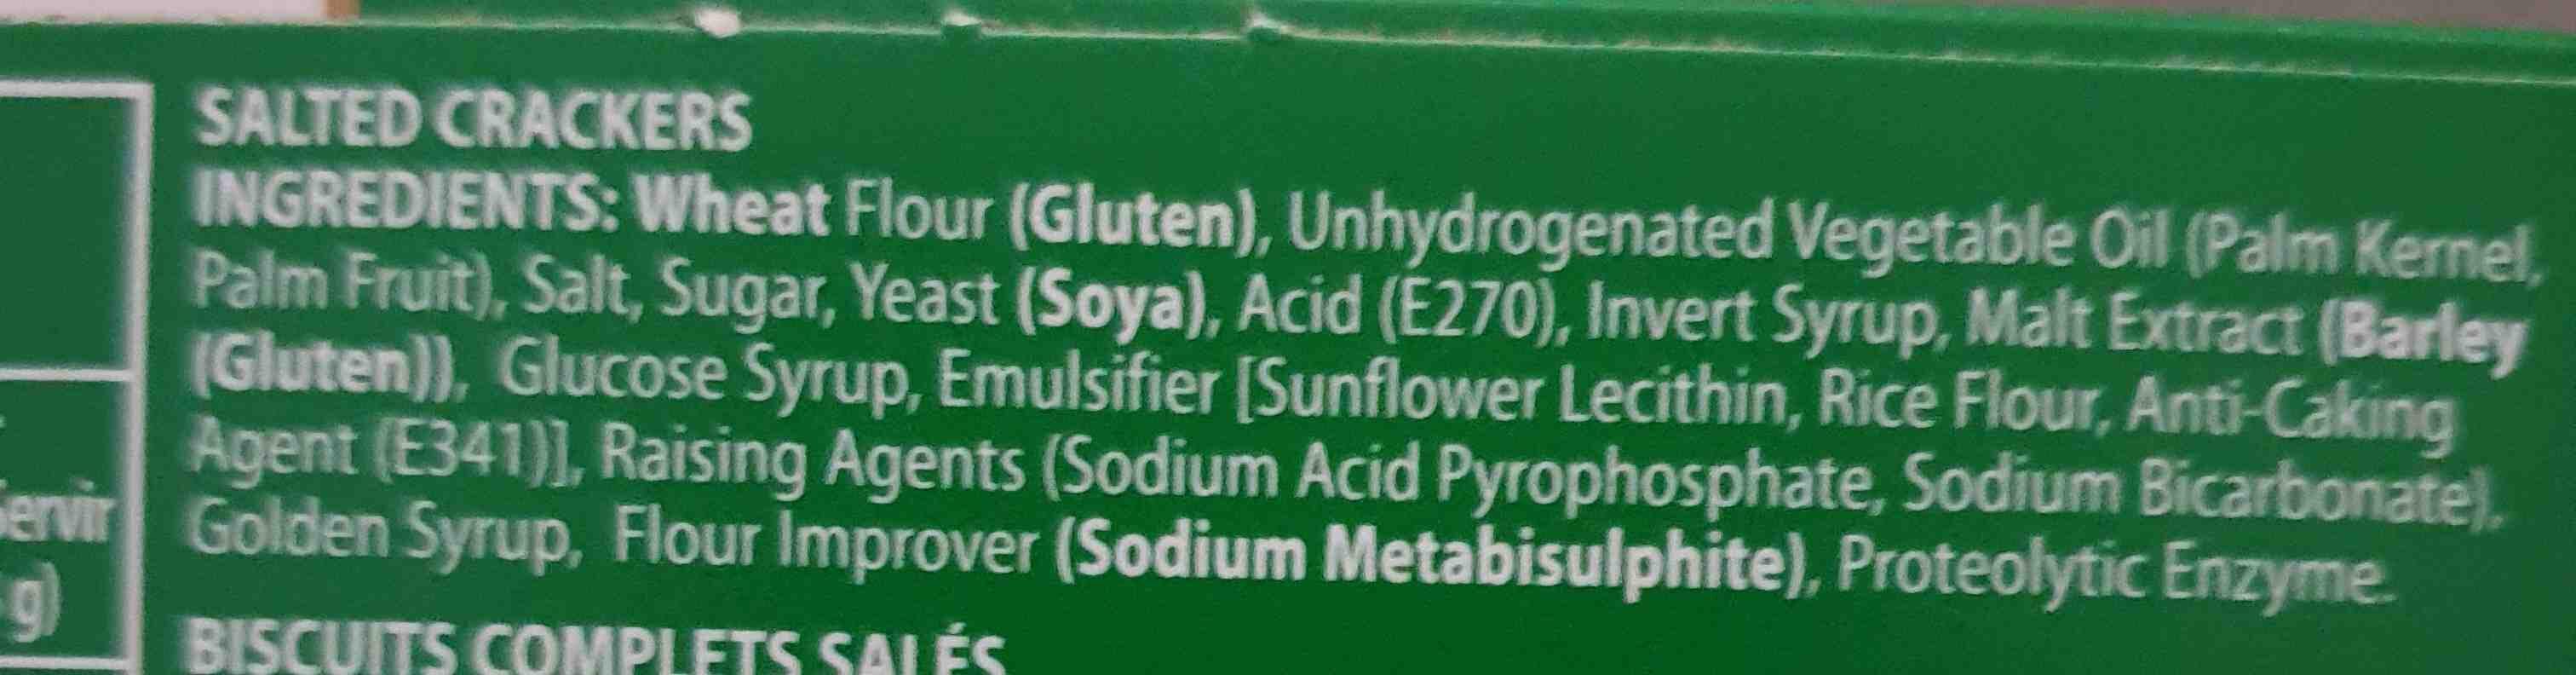 Bakers Salticrax - Ingredients